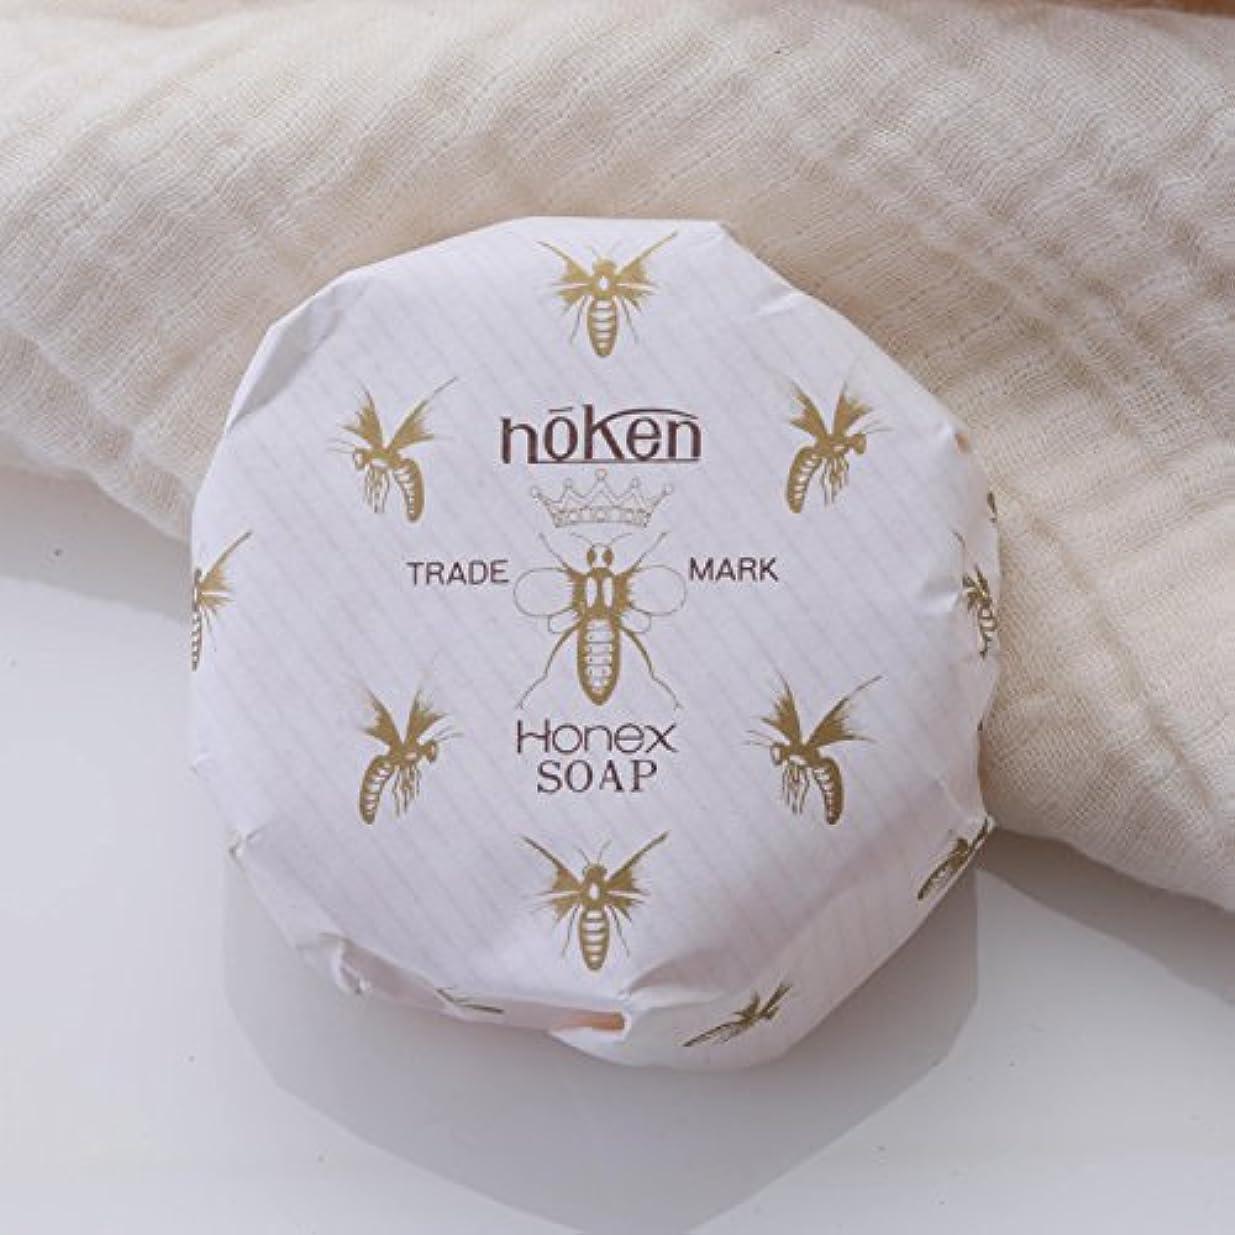 誘発する足音創始者HOKEN/HONEYX ソープ 大